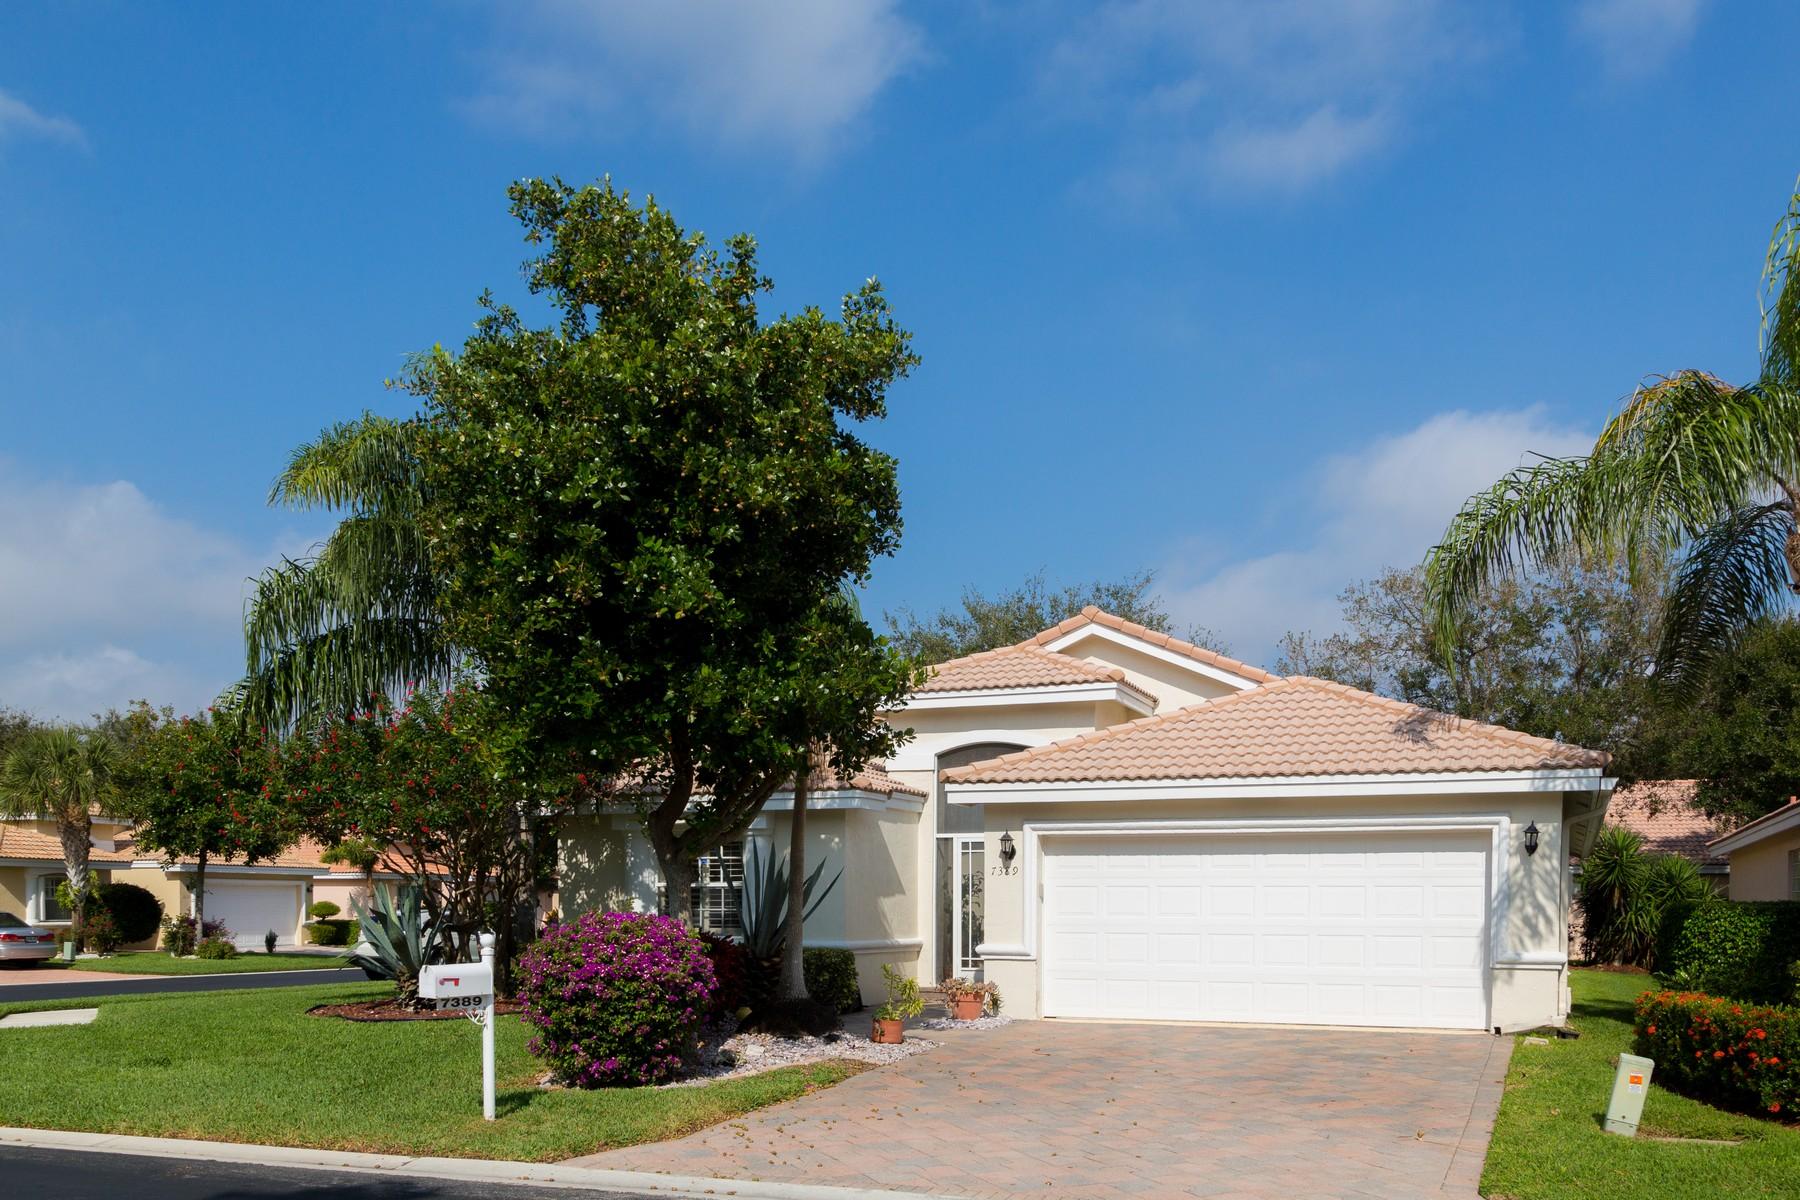 獨棟家庭住宅 為 出售 在 7389 Lugano Dr , Boynton Beach, FL 33437 7389 Lugano Dr Boynton Beach, 佛羅里達州, 33437 美國